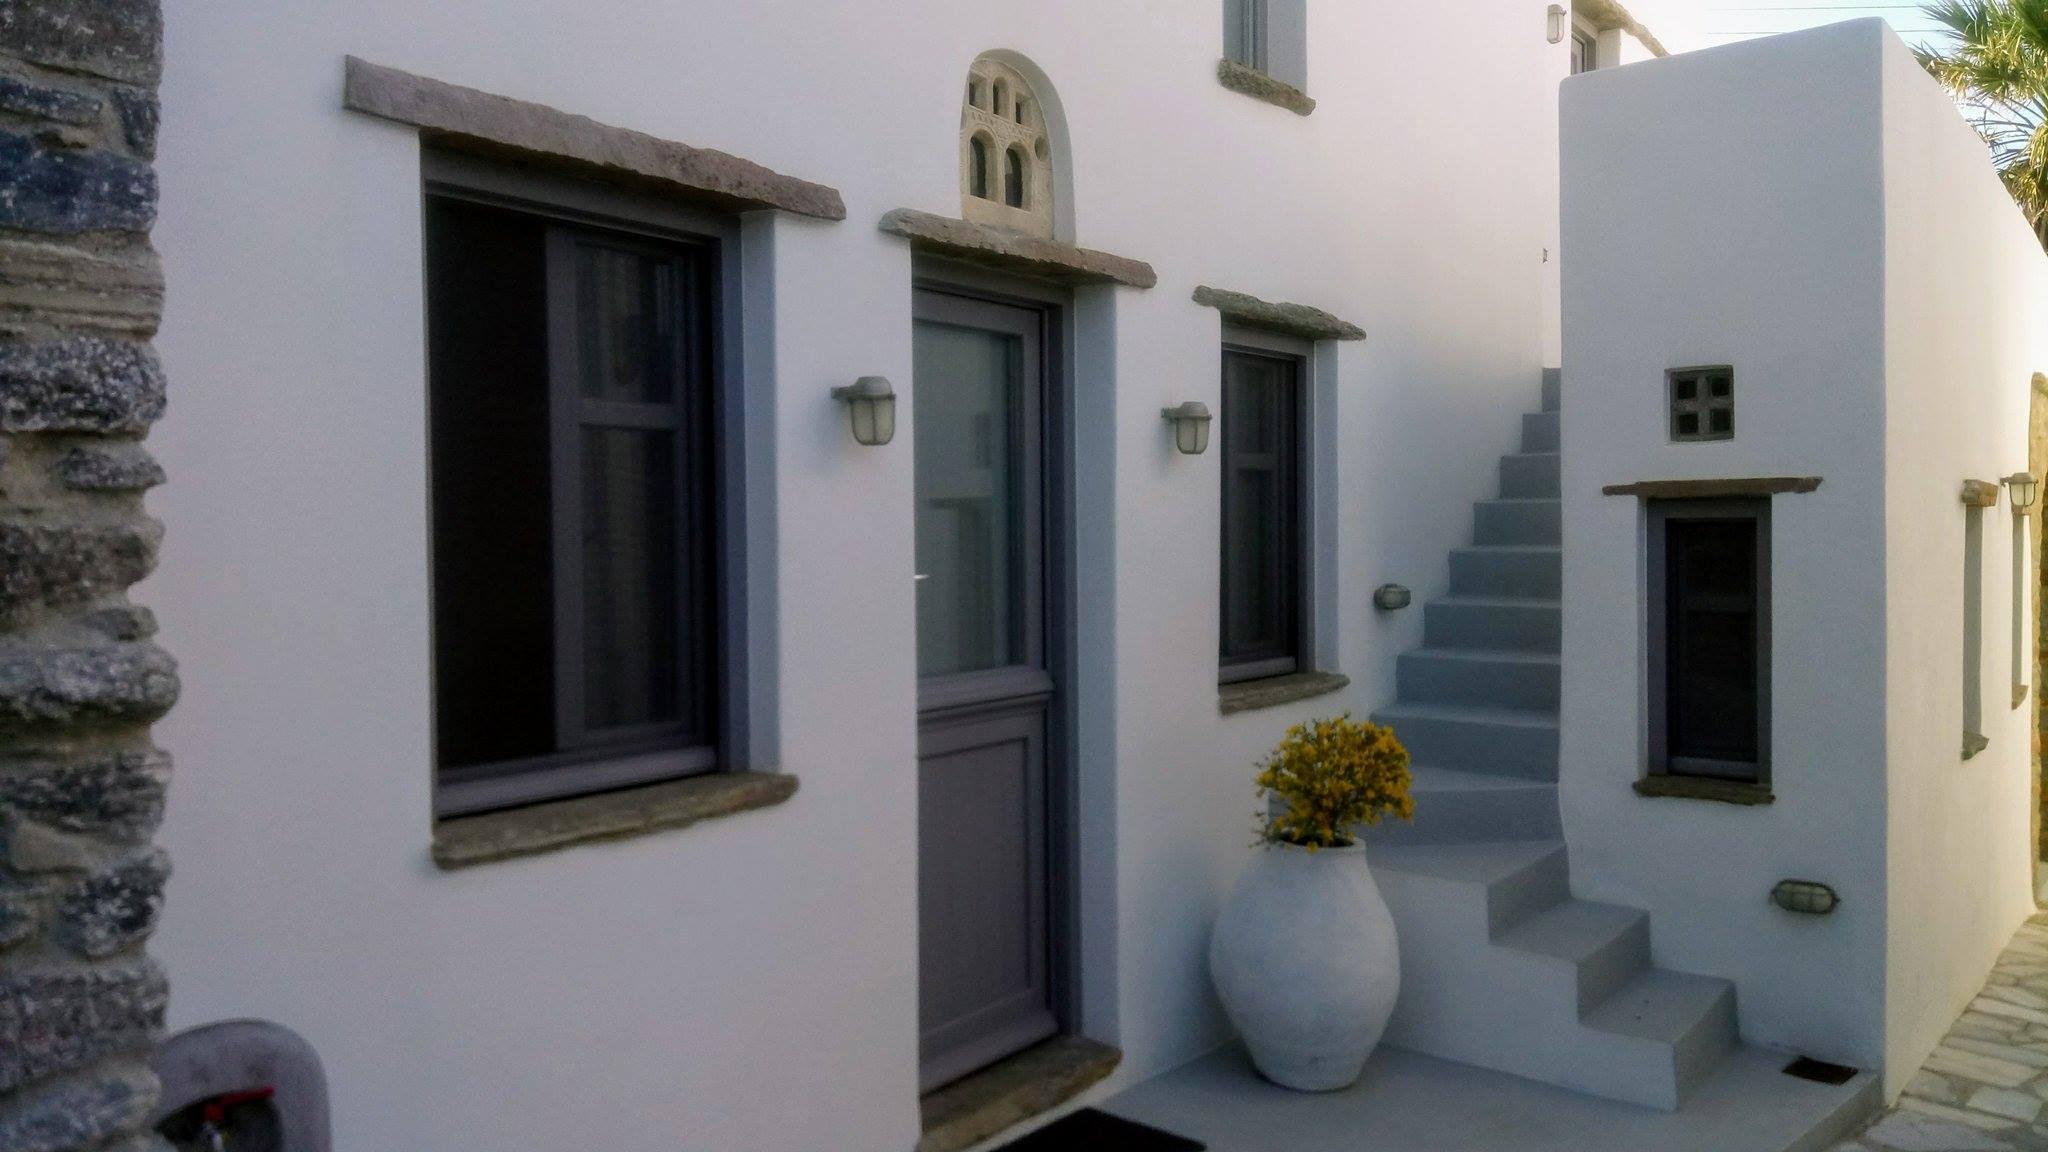 Tutti Blu Living Space όπως λέμε Τηνιακή Φιλοξενία, γράφει η Γιάννα.